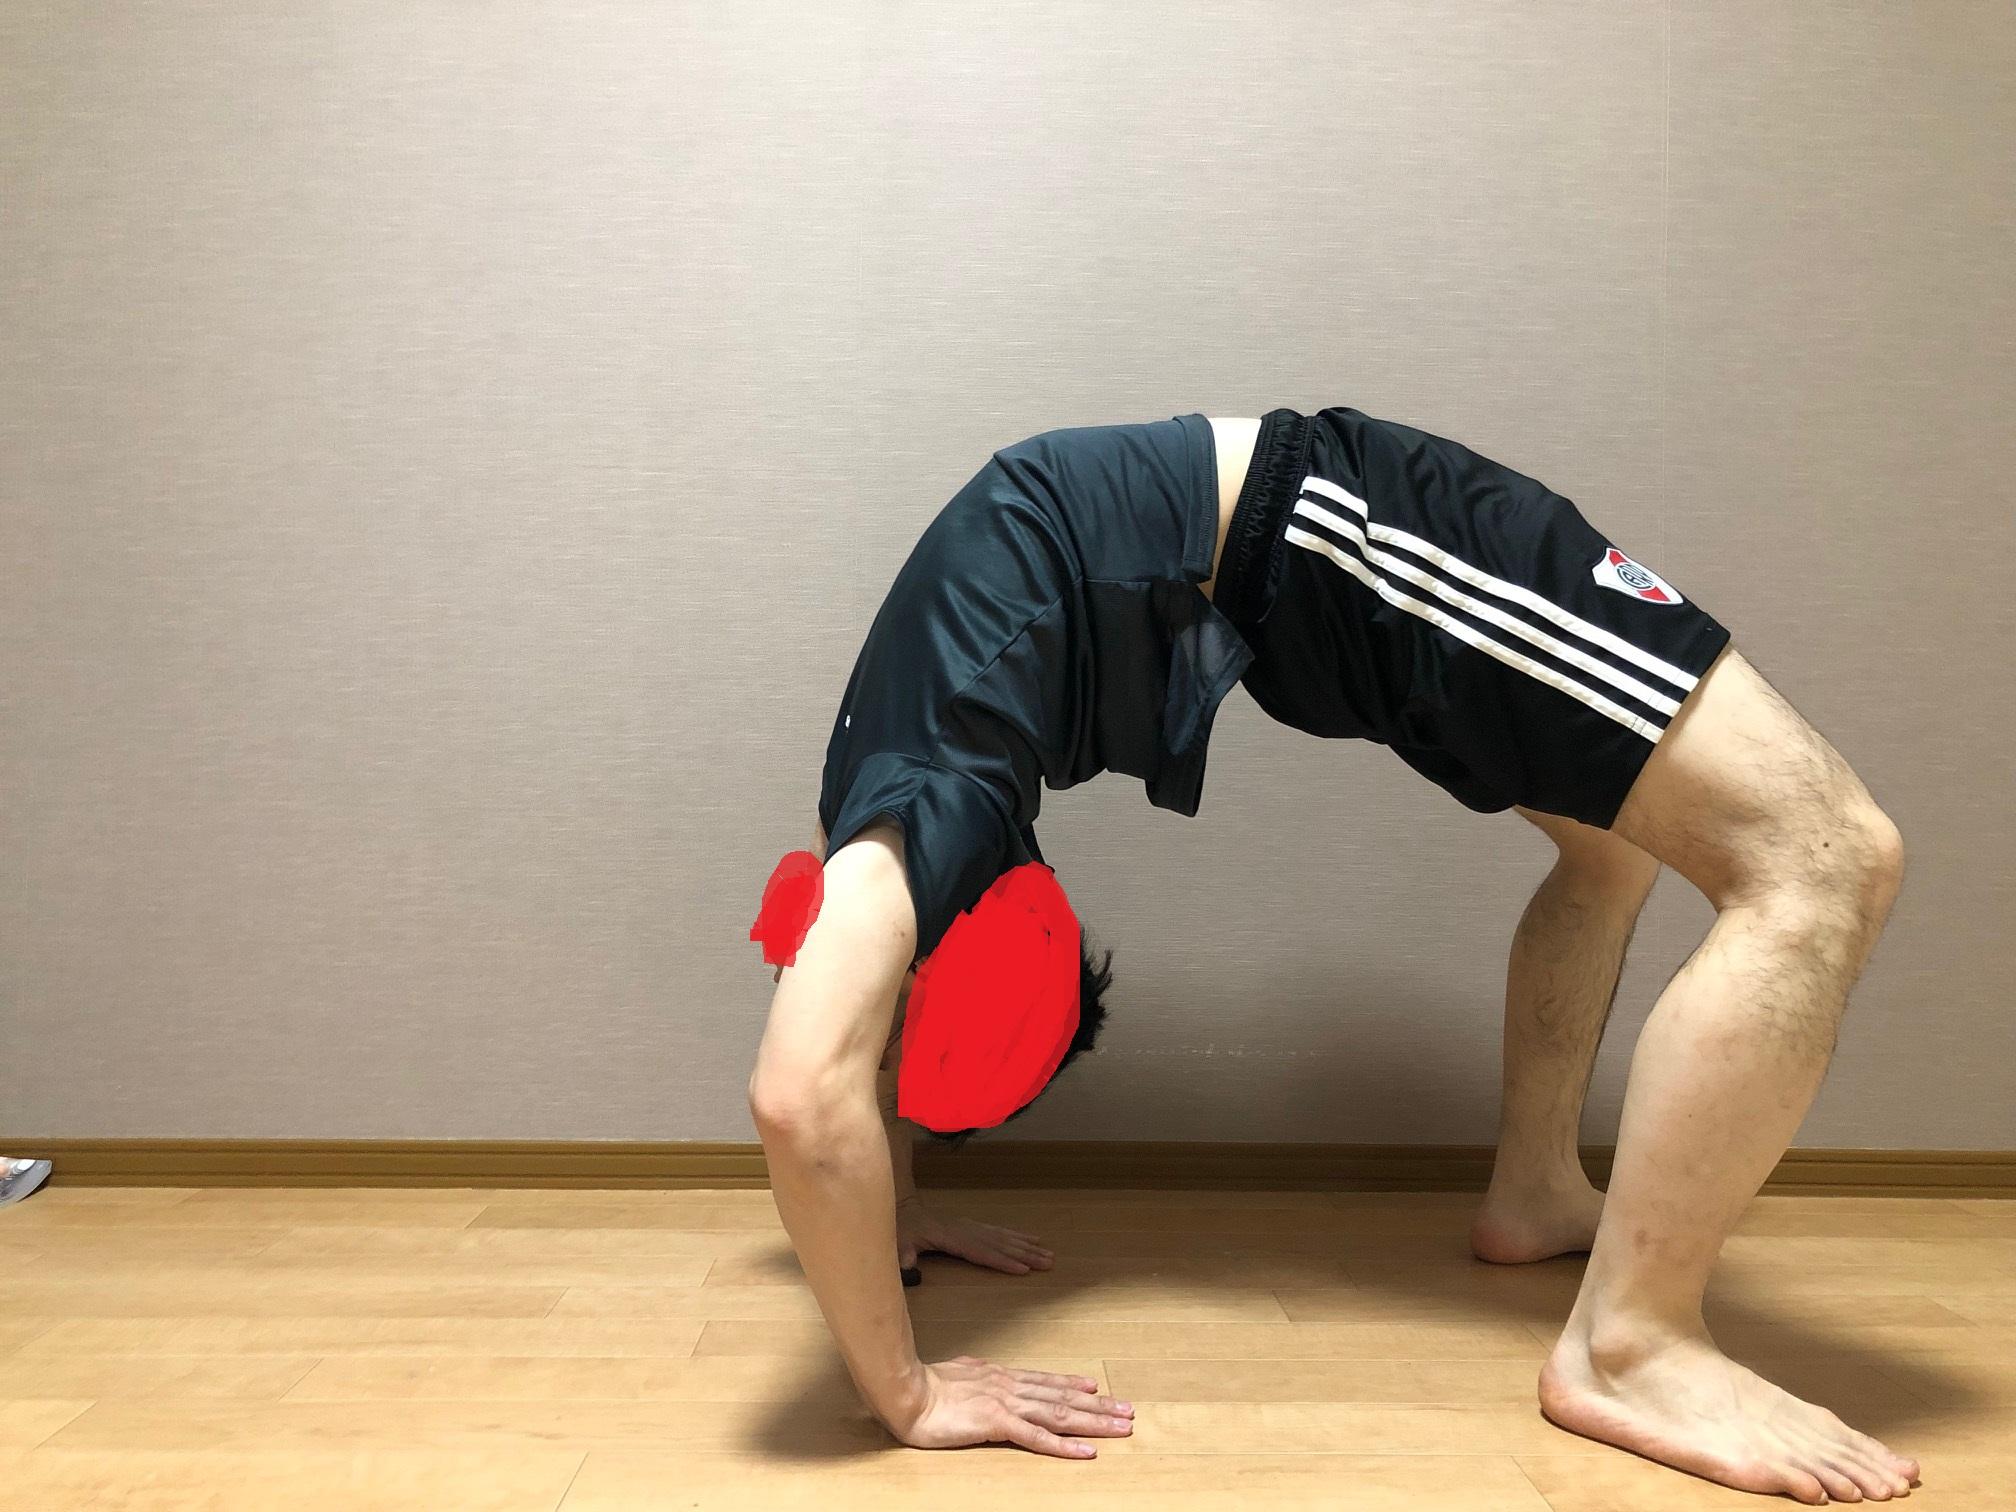 基礎練習でブリッジを磨こう~5分で出来る背筋強化および腰回りストレッチを習慣化しよう、背中、肩甲骨の可動域UPにもつながる!?~